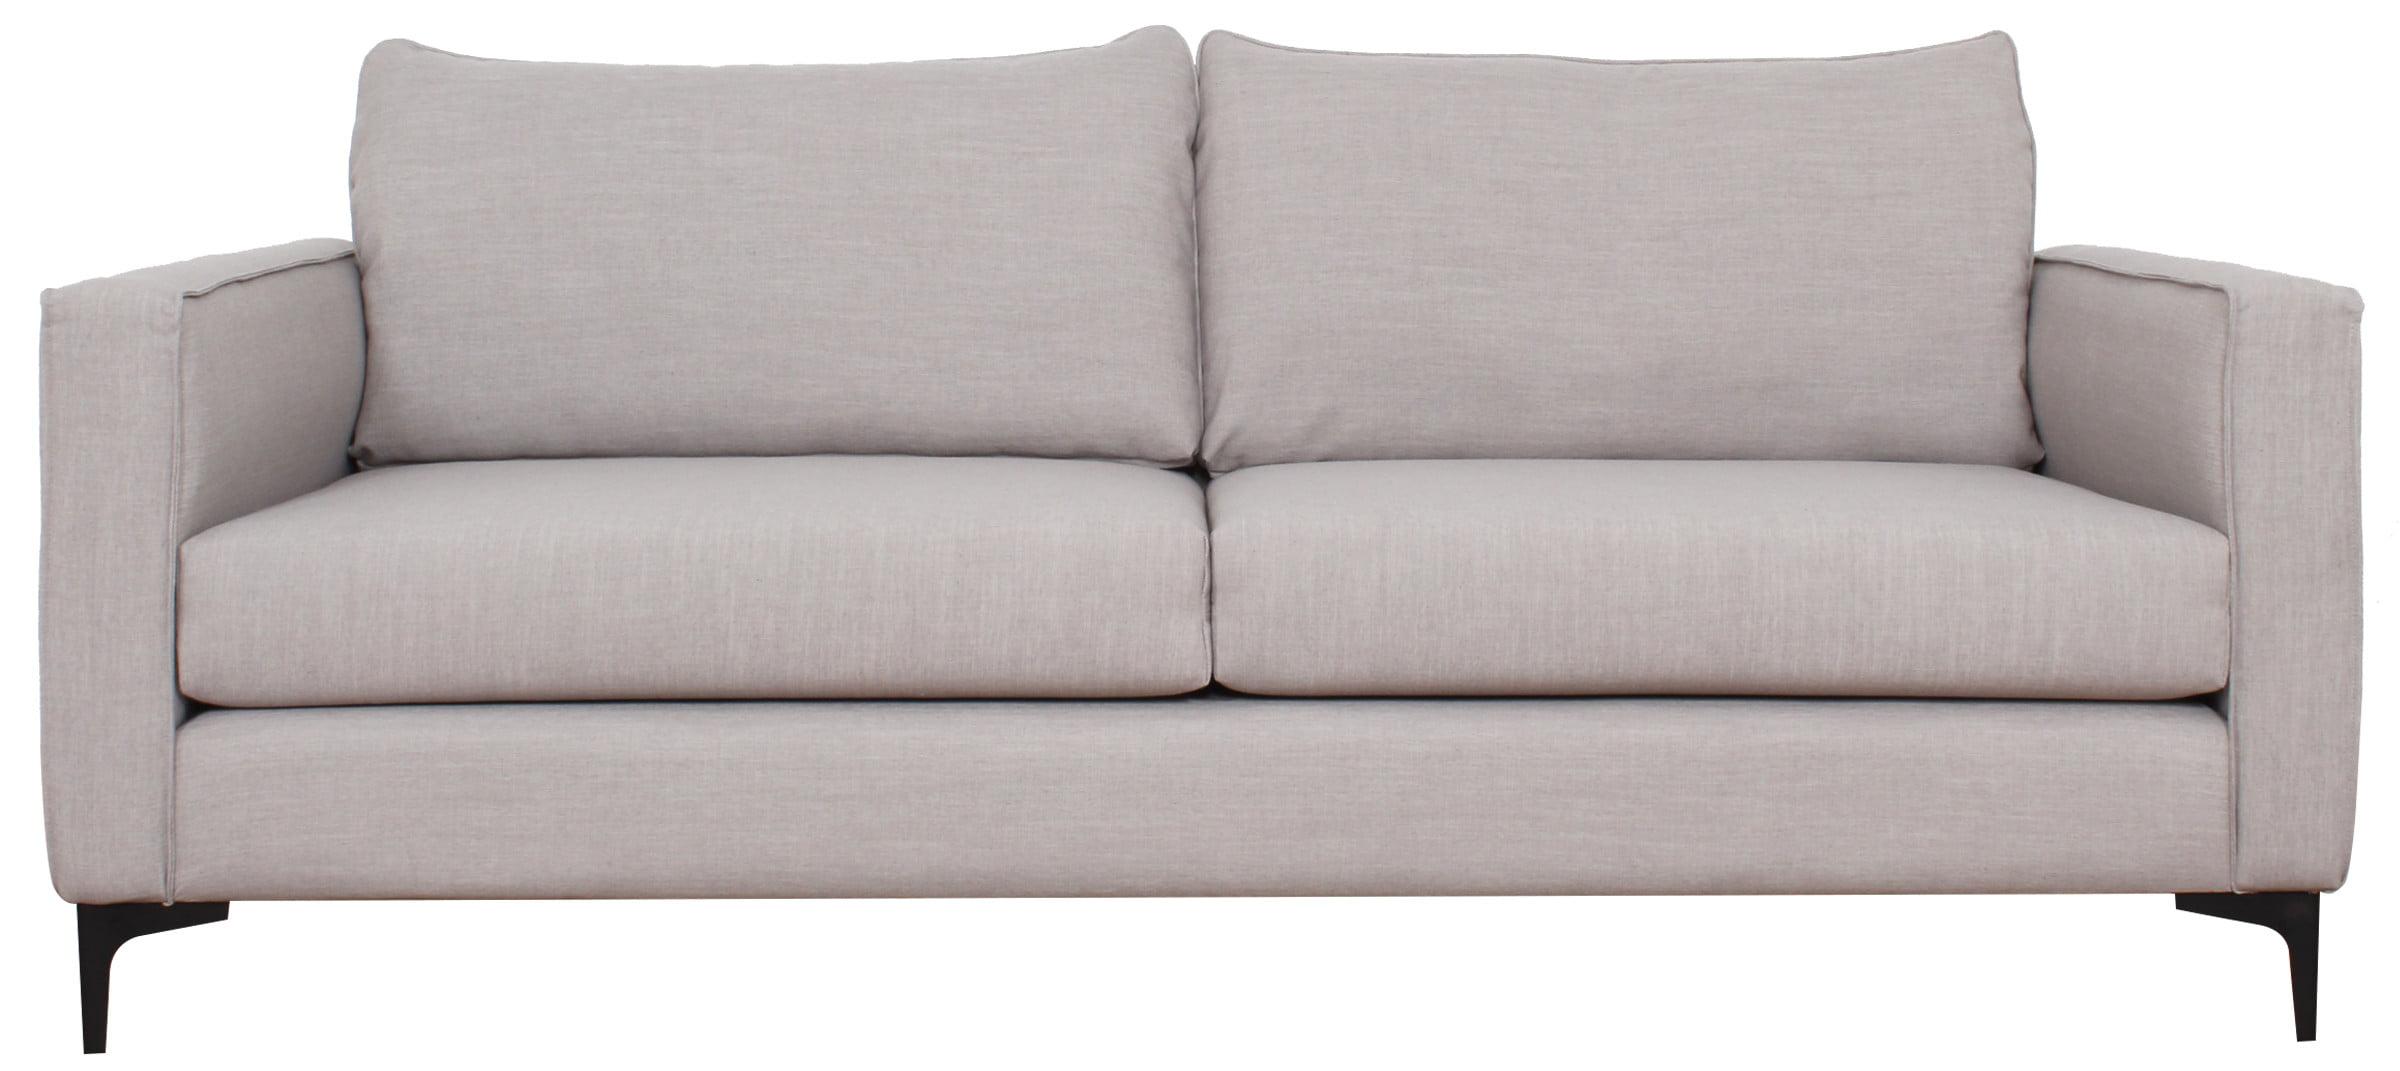 Sofa Personalizado Delta Piedra11